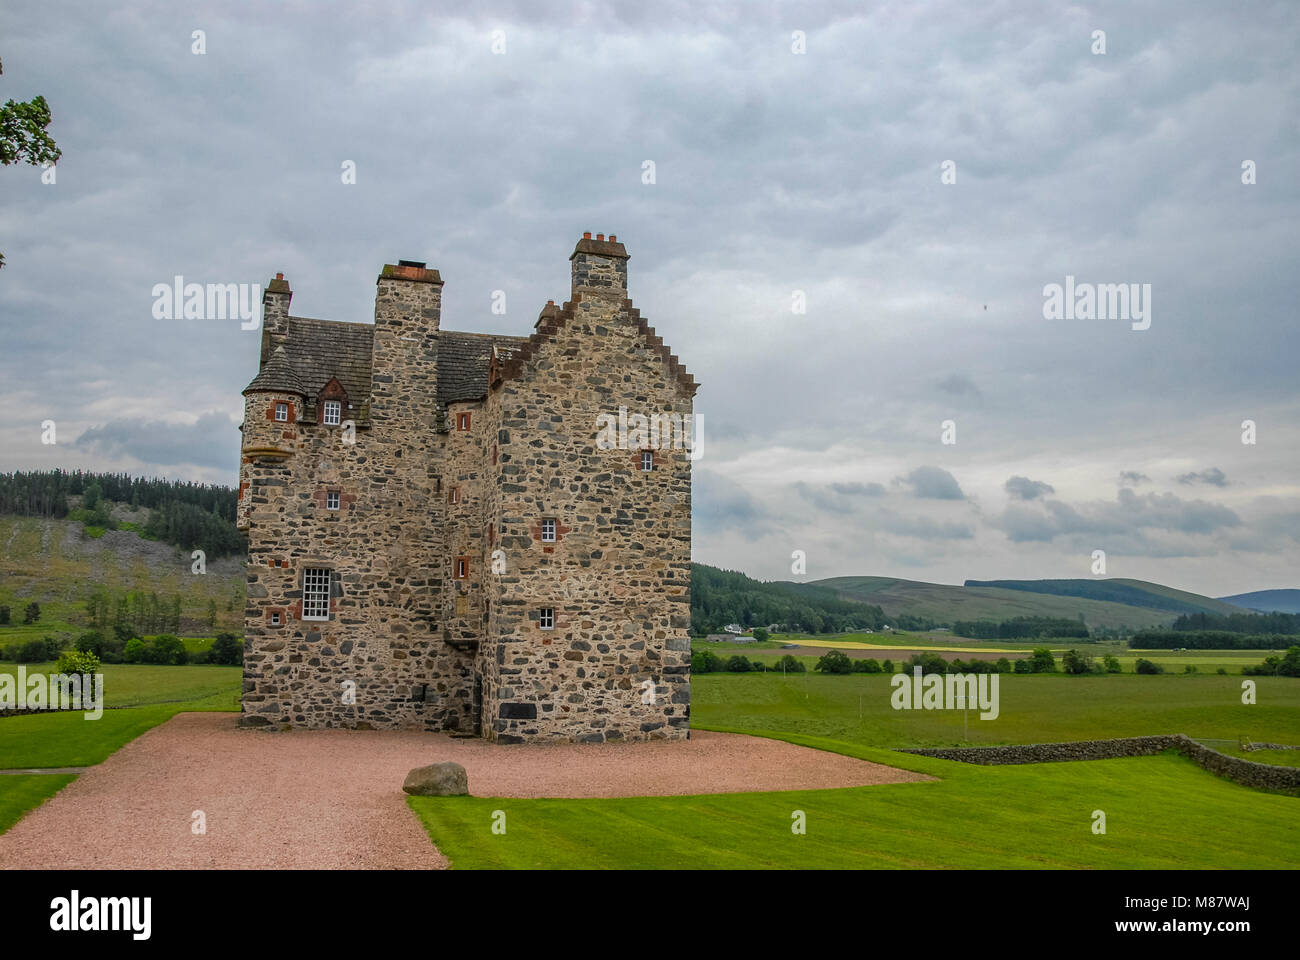 Castillo Escoces - Stock Image